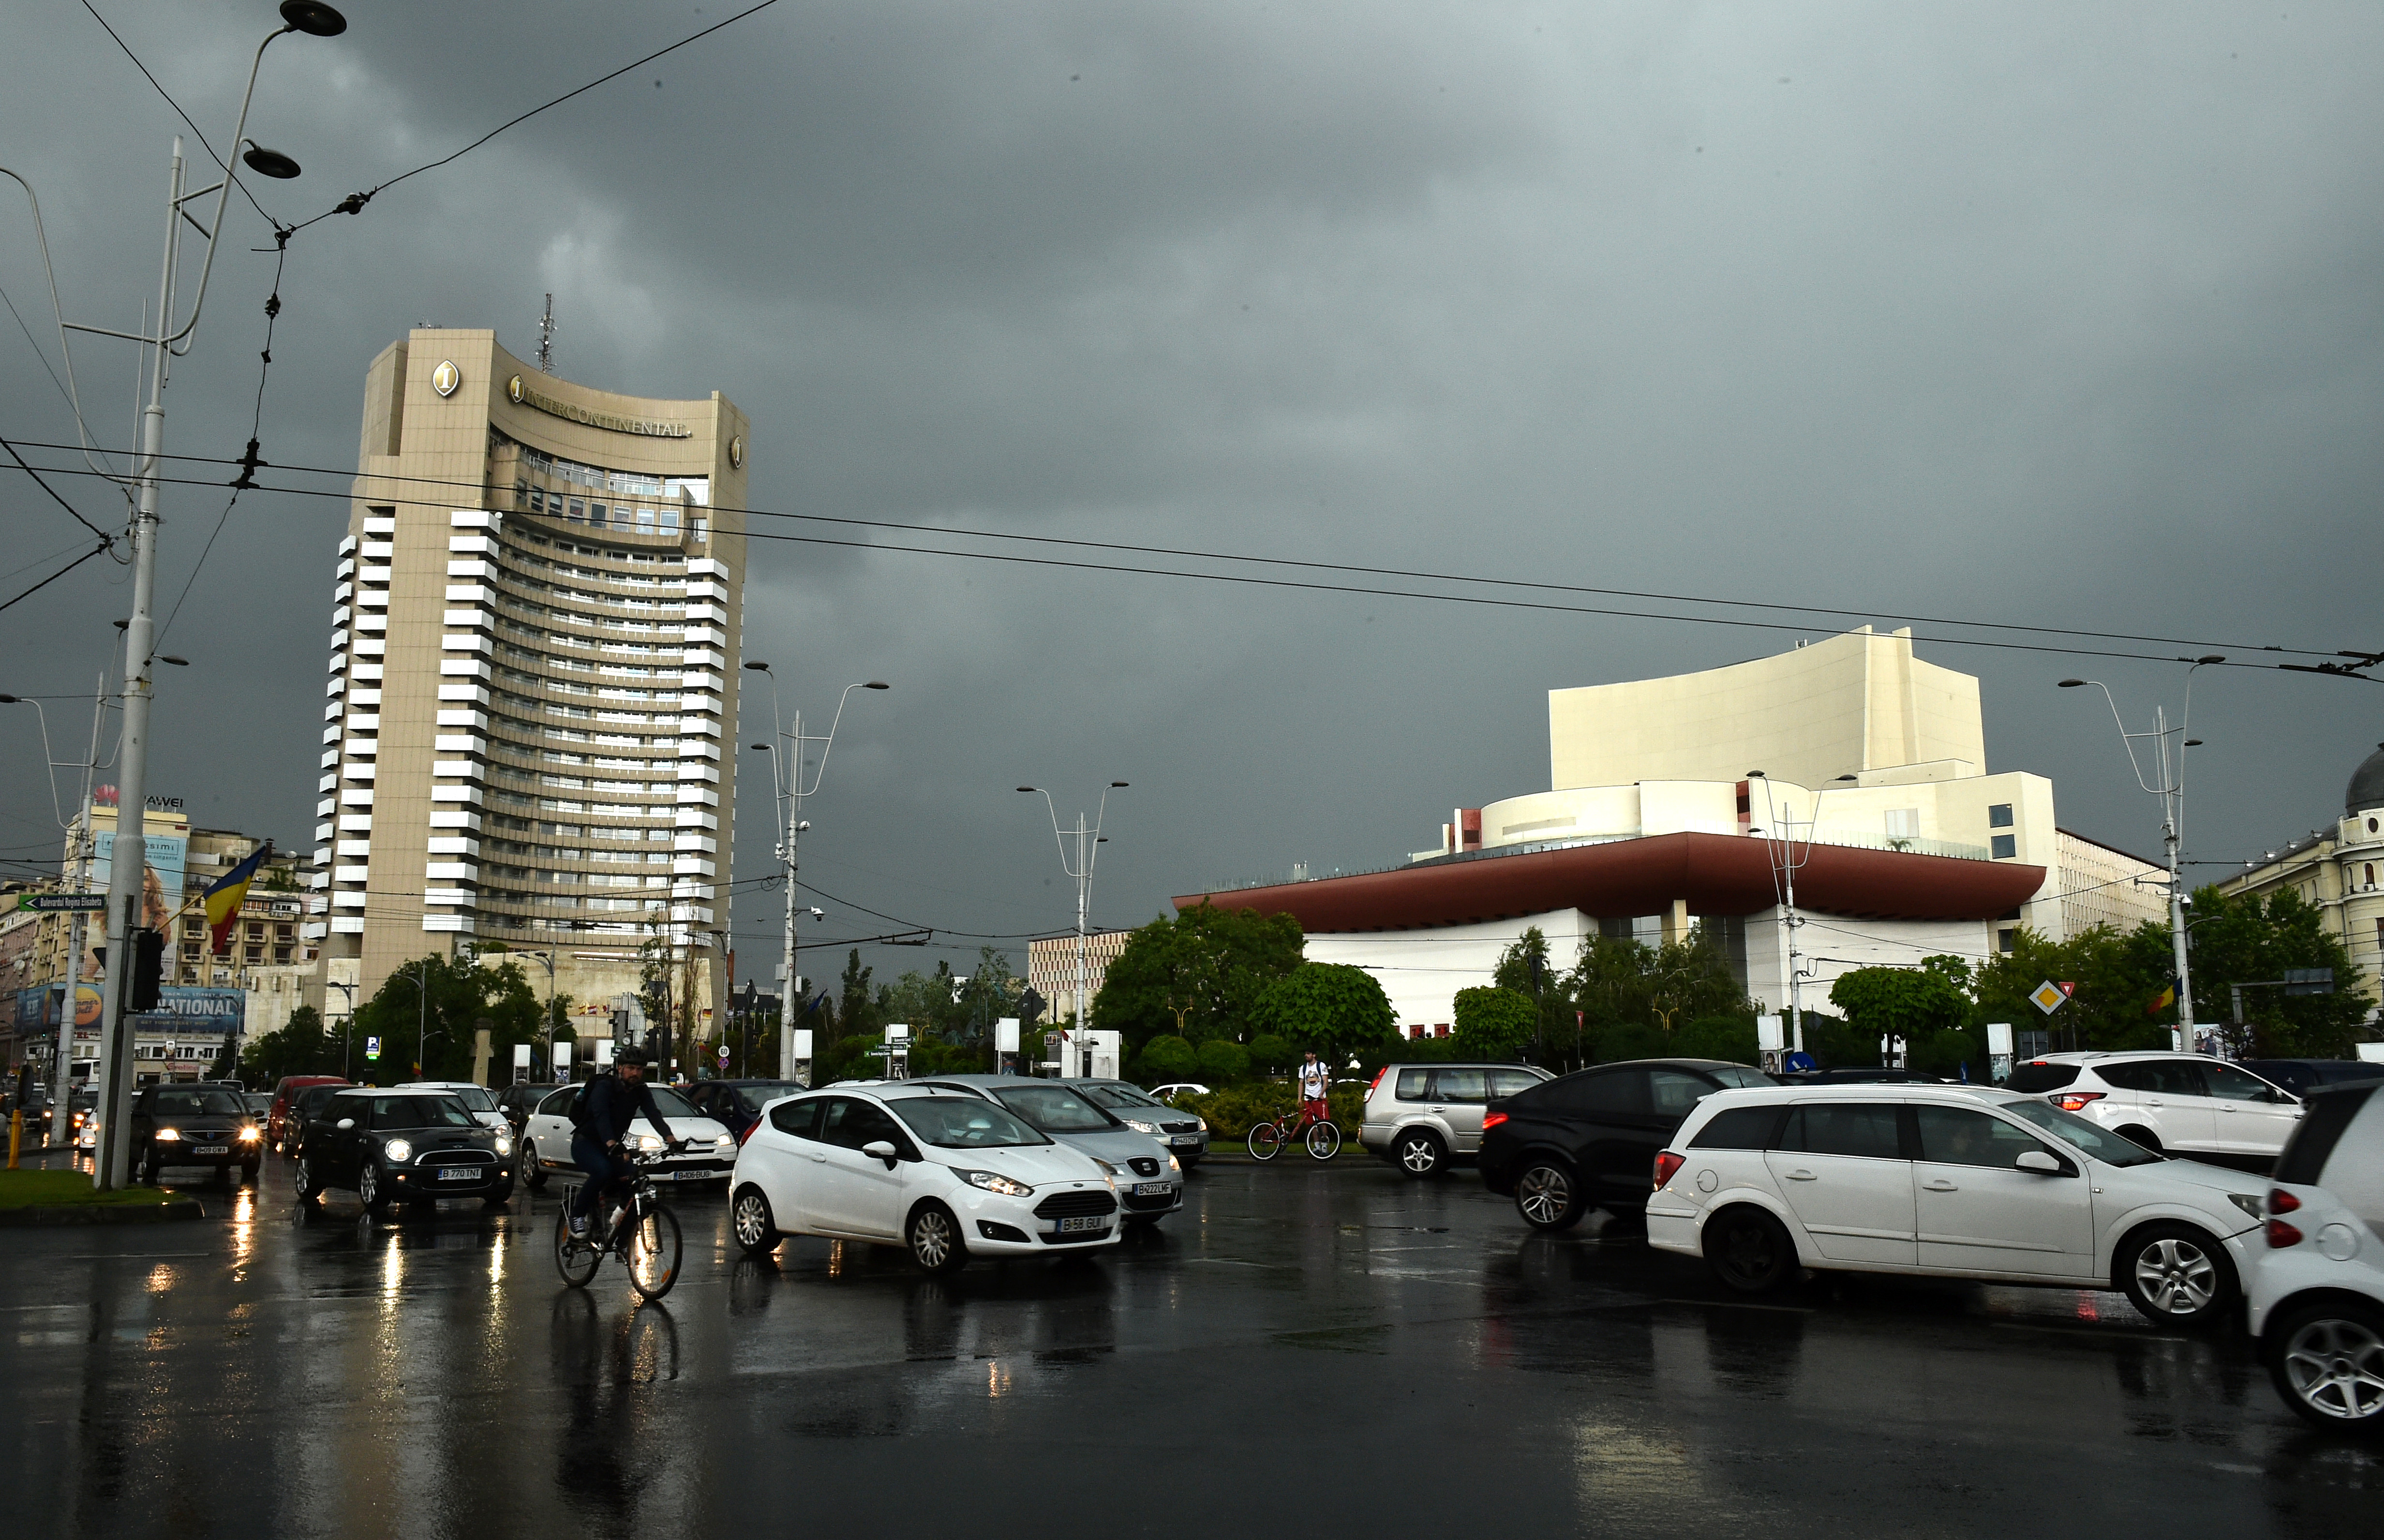 Atenționare meteo în Capitală. Cod portocaliu de ploi torențiale și vânt puternic